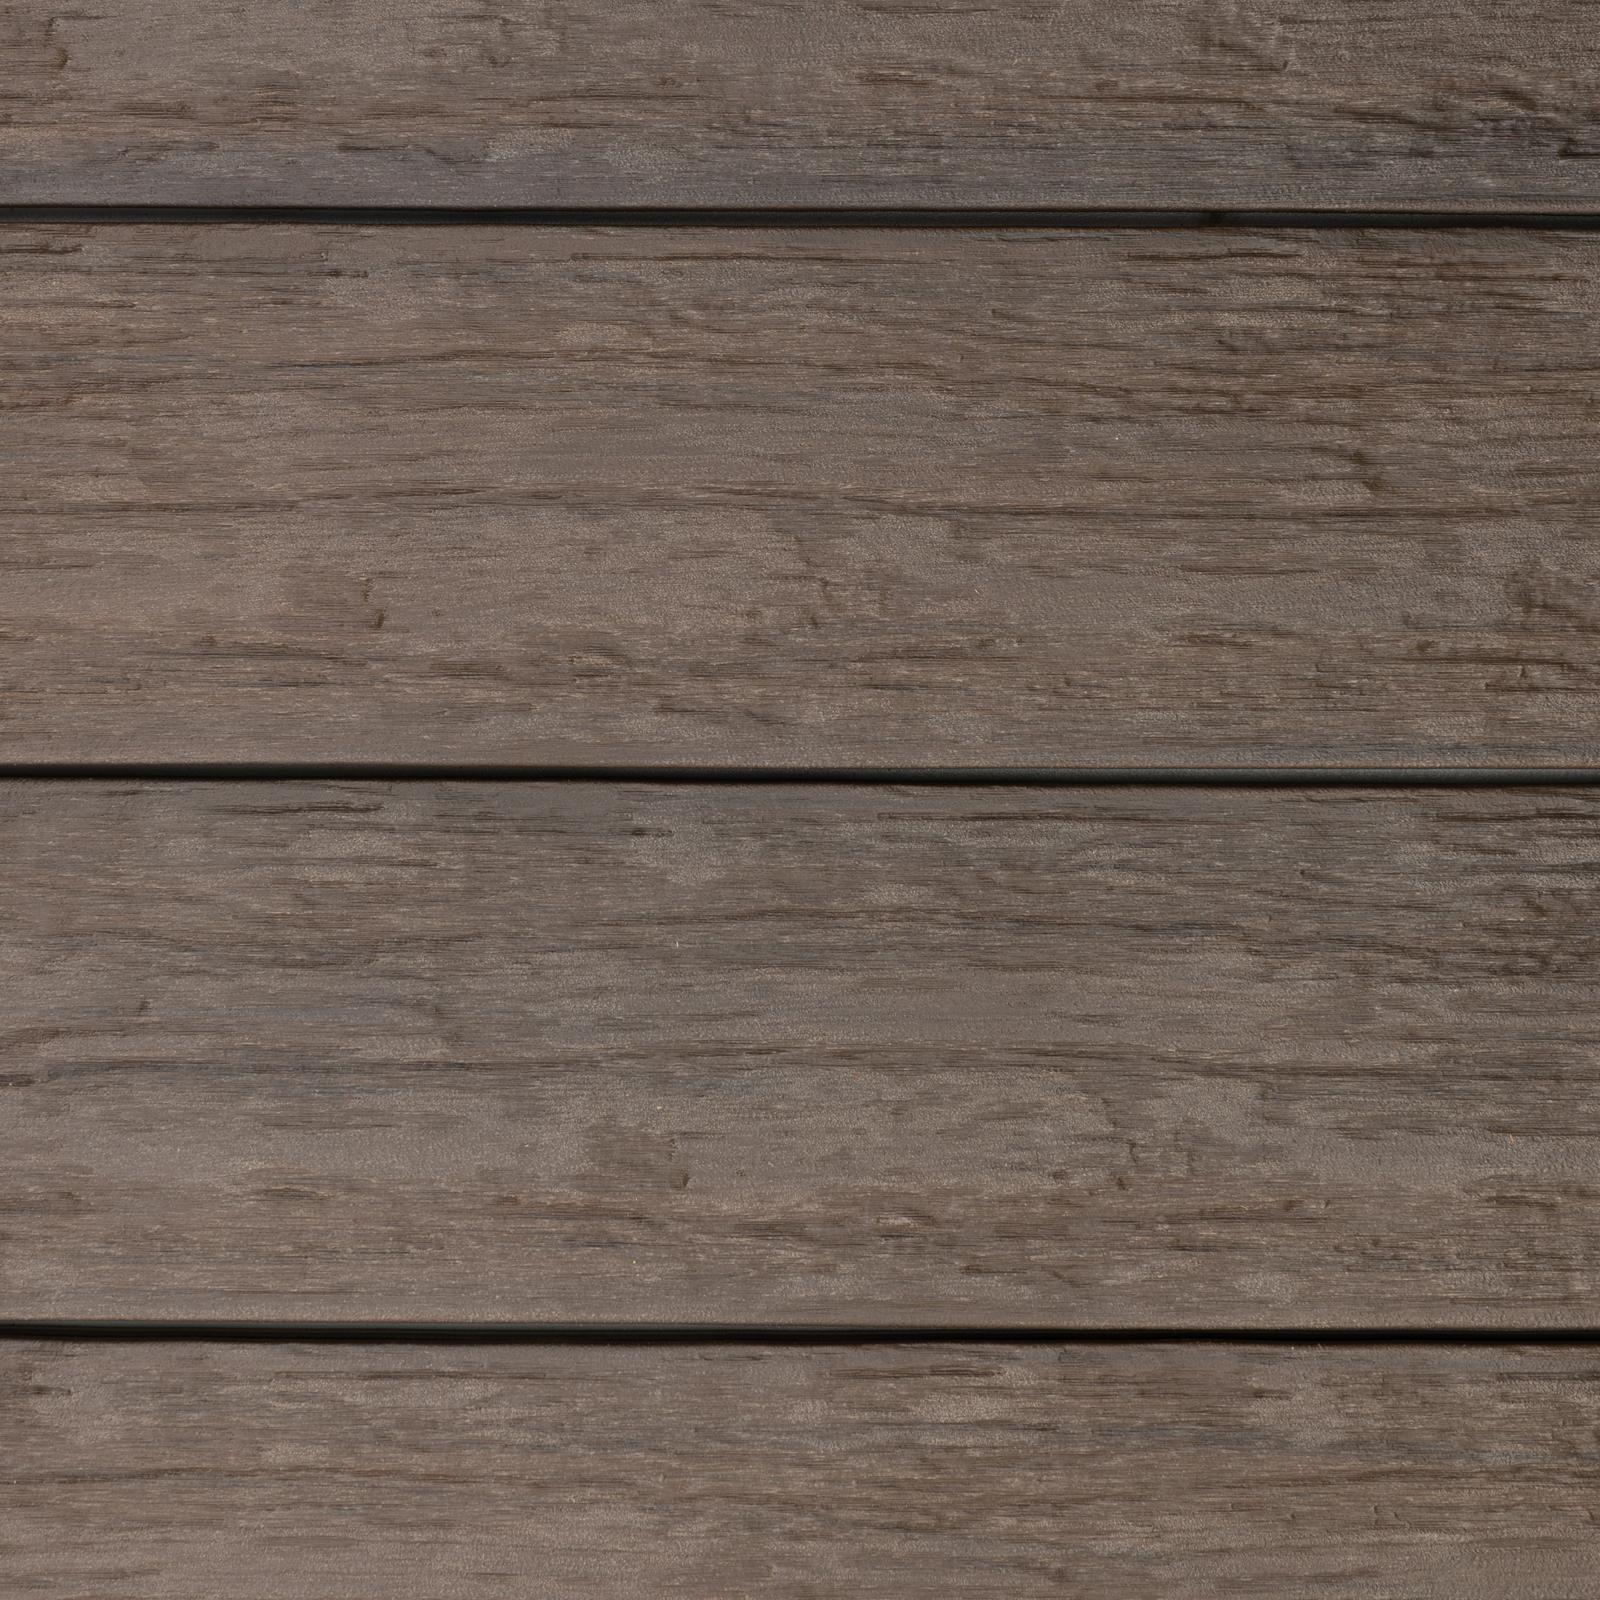 WPC BPC Terrassendielen Komplettbausatz mit UK Grau Beige Massiv Terrasse